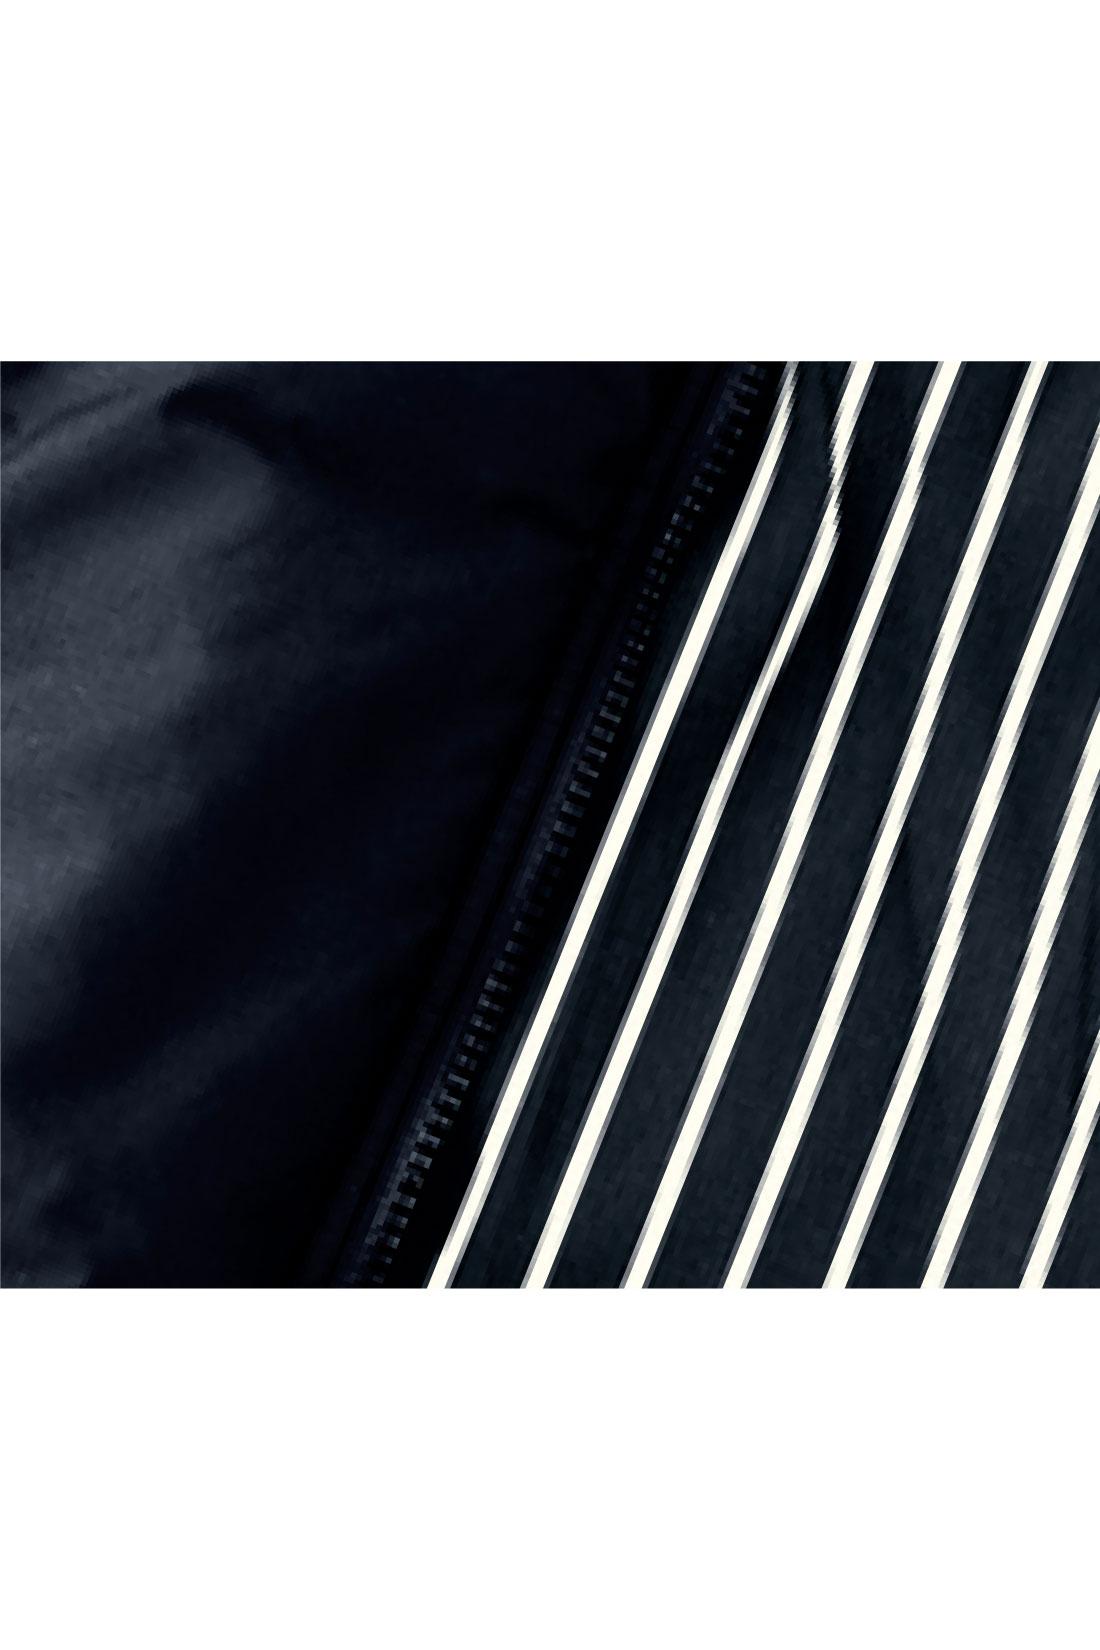 表地はテカリをおさえた布はく素材。裏地はストライプで、脱いだときも大人っぽく。